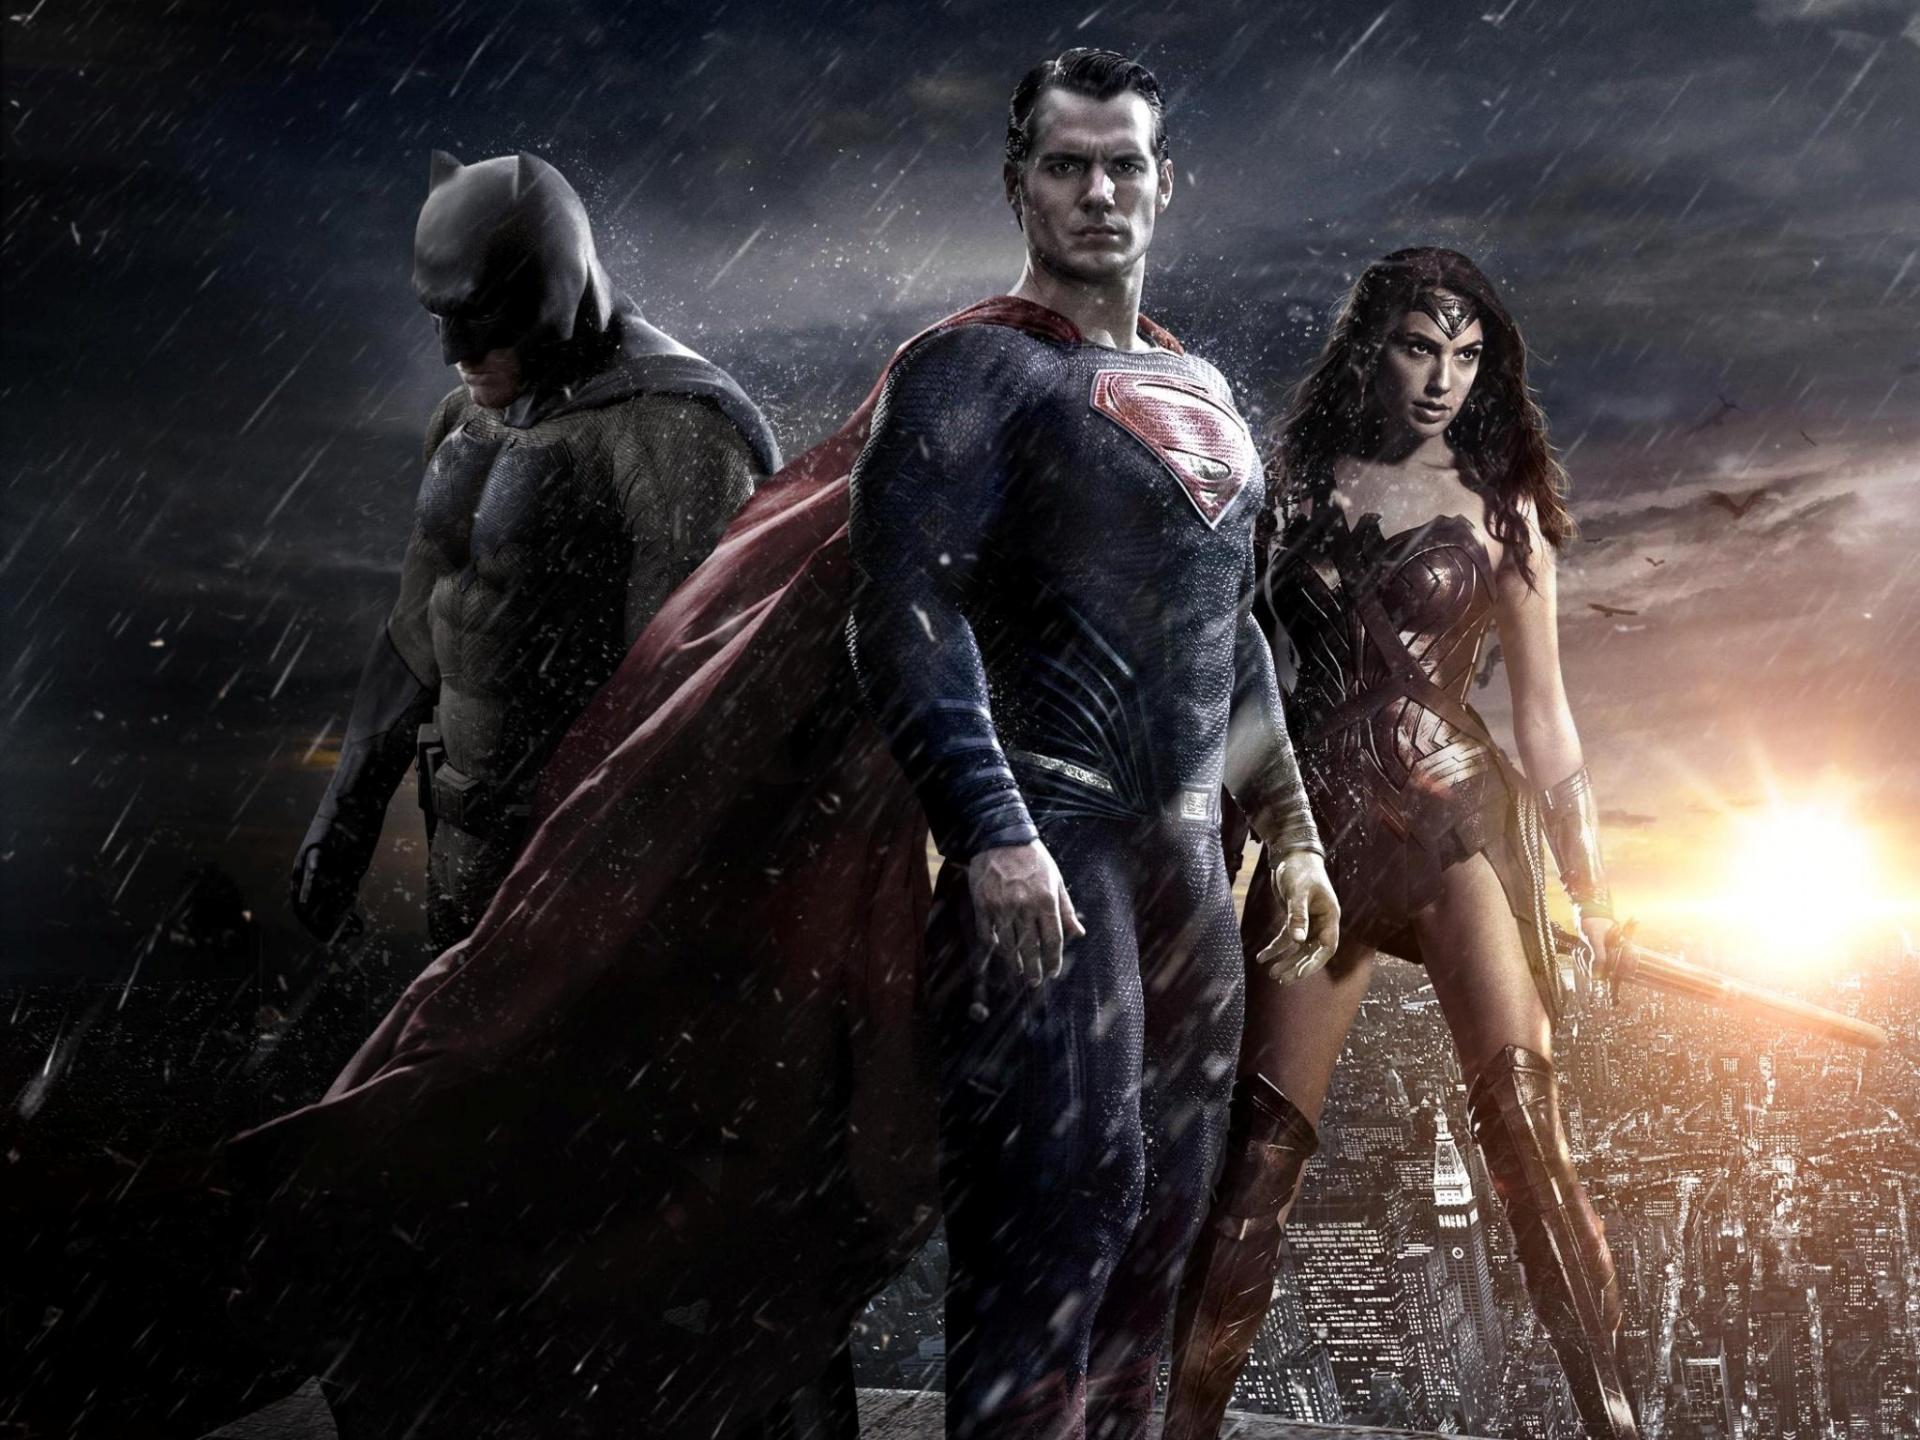 Batman v Superman Dawn of Justice. Gal Gadot, Ben Affleck and Henry Cavill